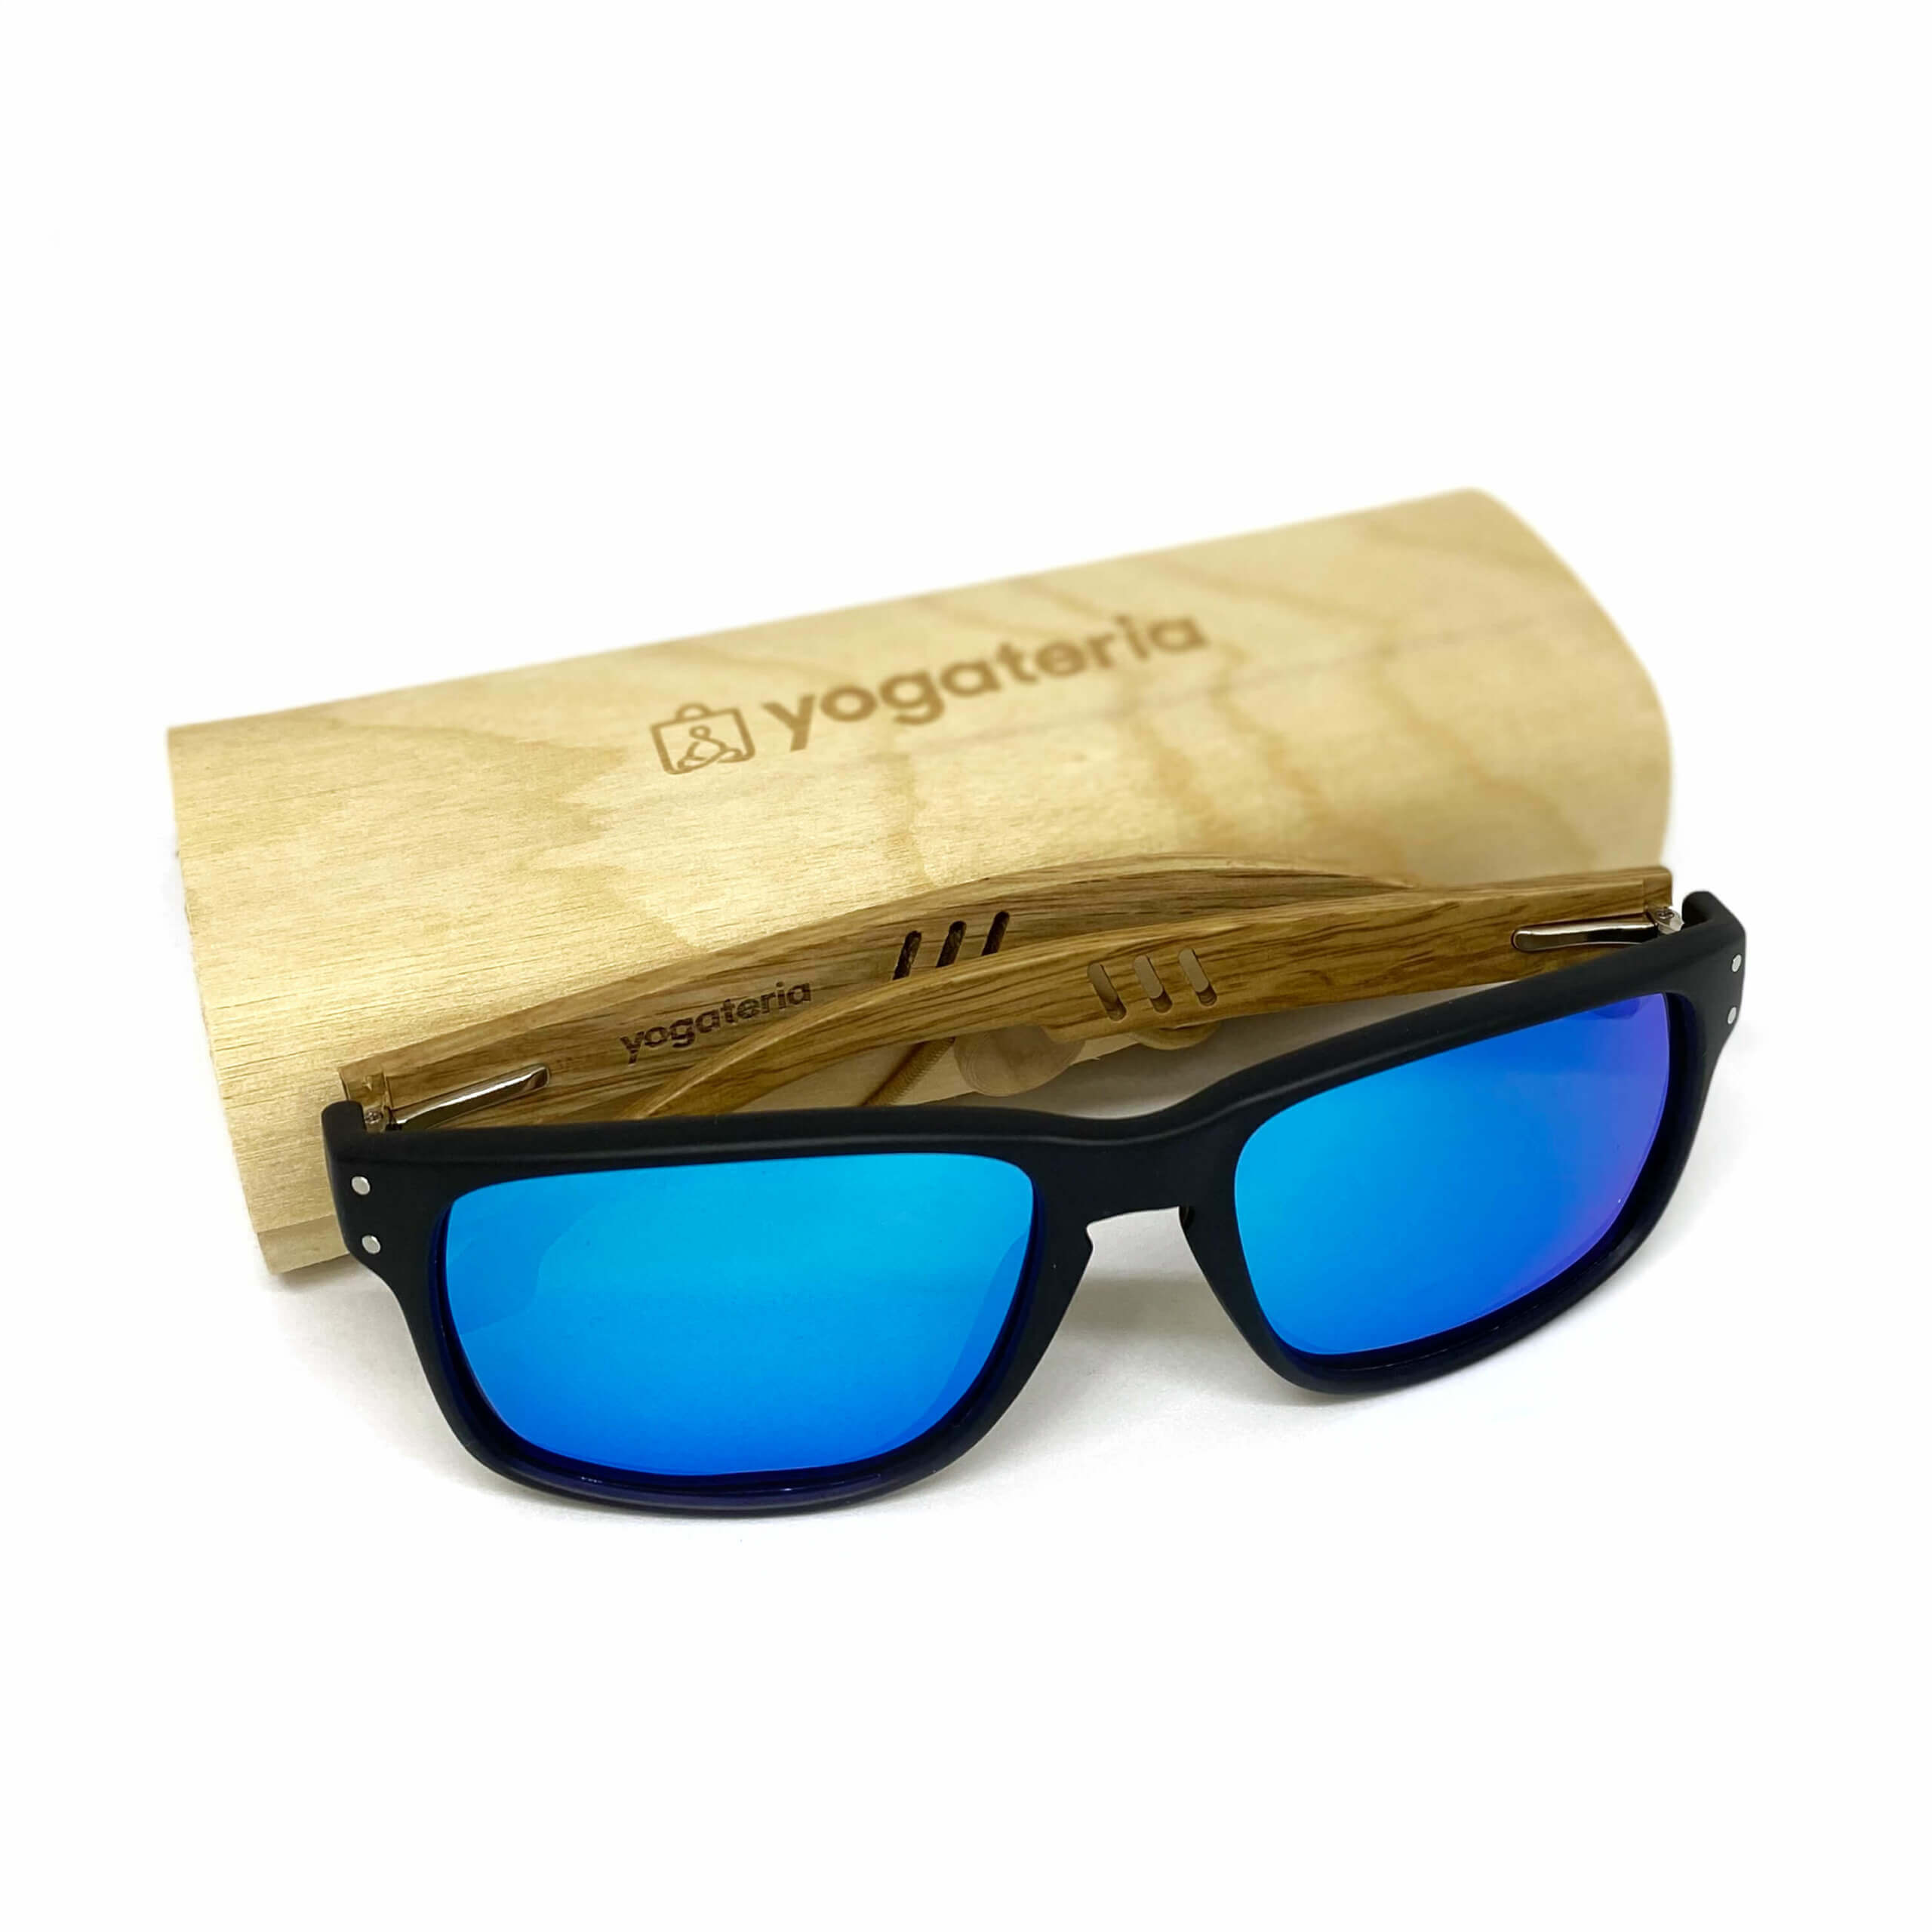 oculos-madeira-yogateria-floripa-6